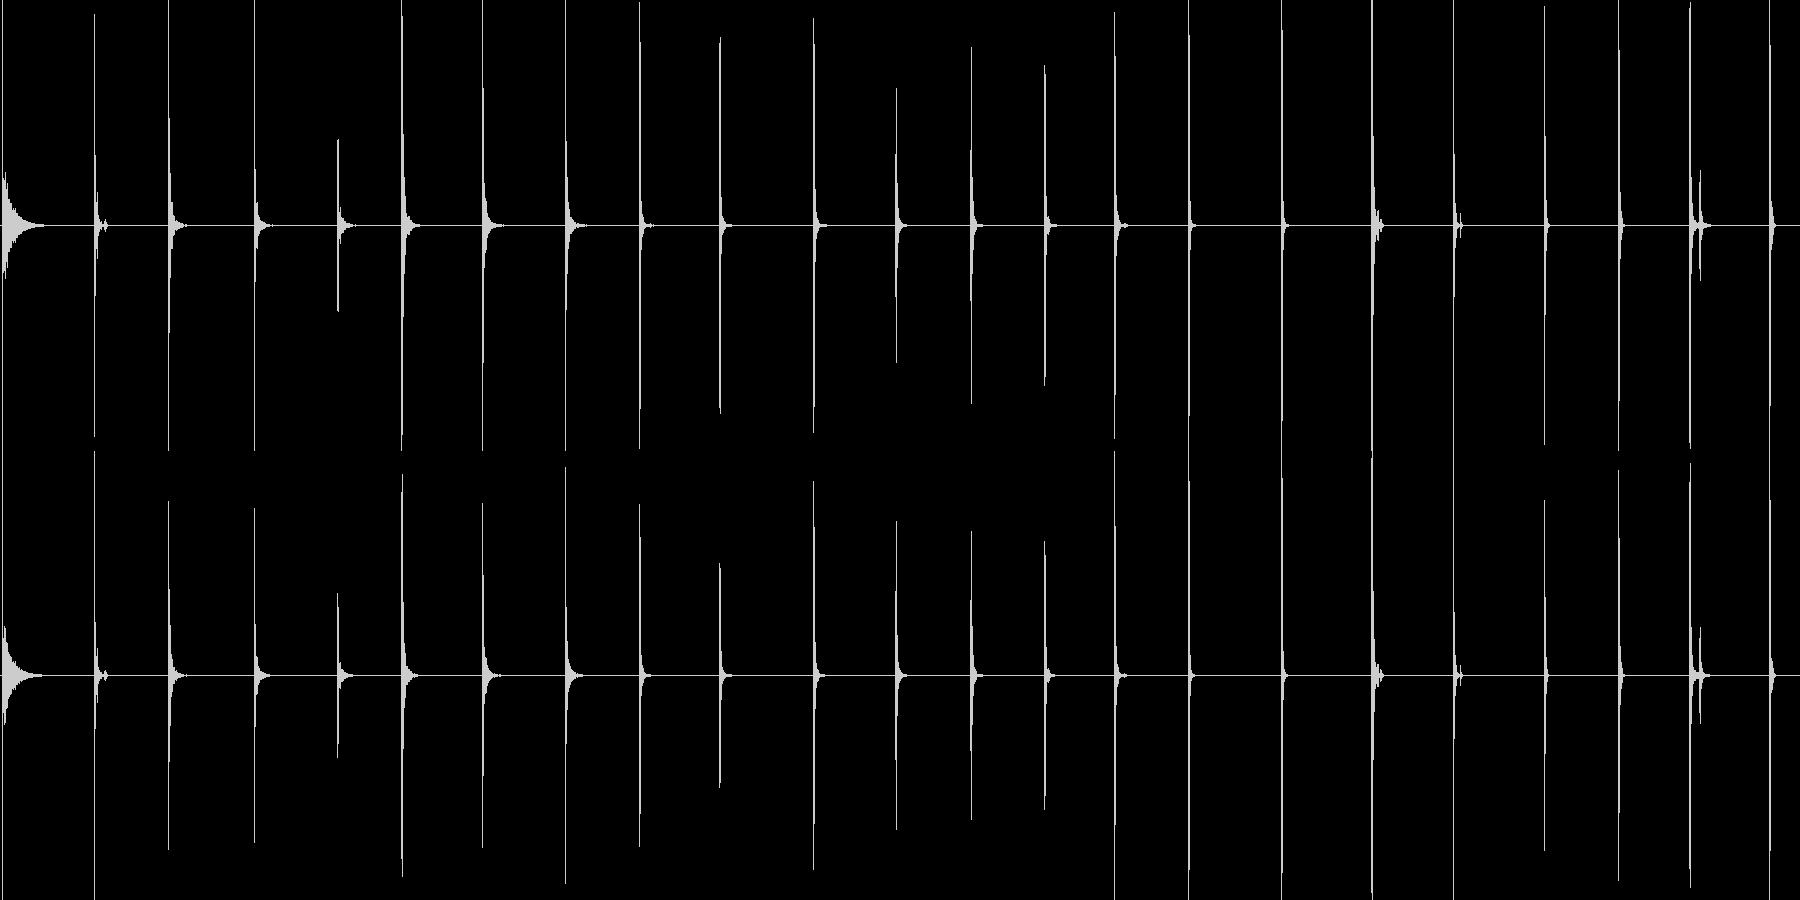 ハンマー、インパクト、ヒット、ウッ...の未再生の波形